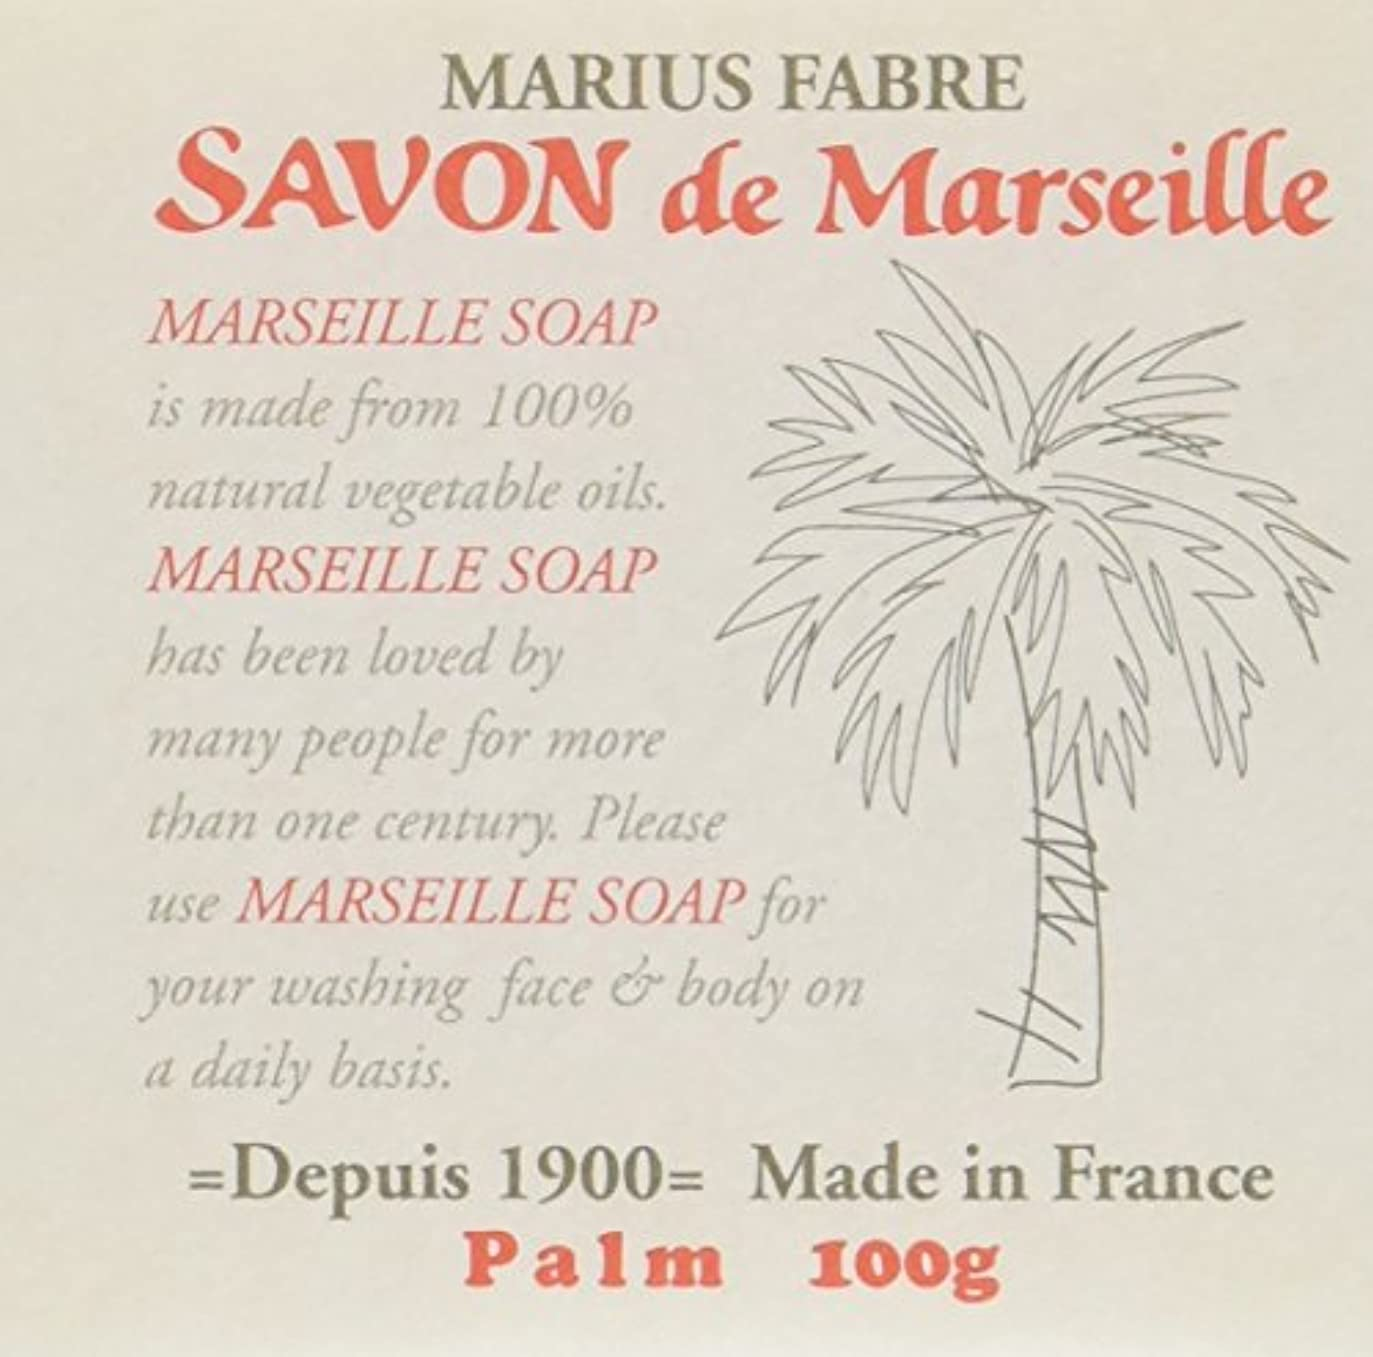 サージ現実文字通りサボン ド マルセイユ パーム 100g